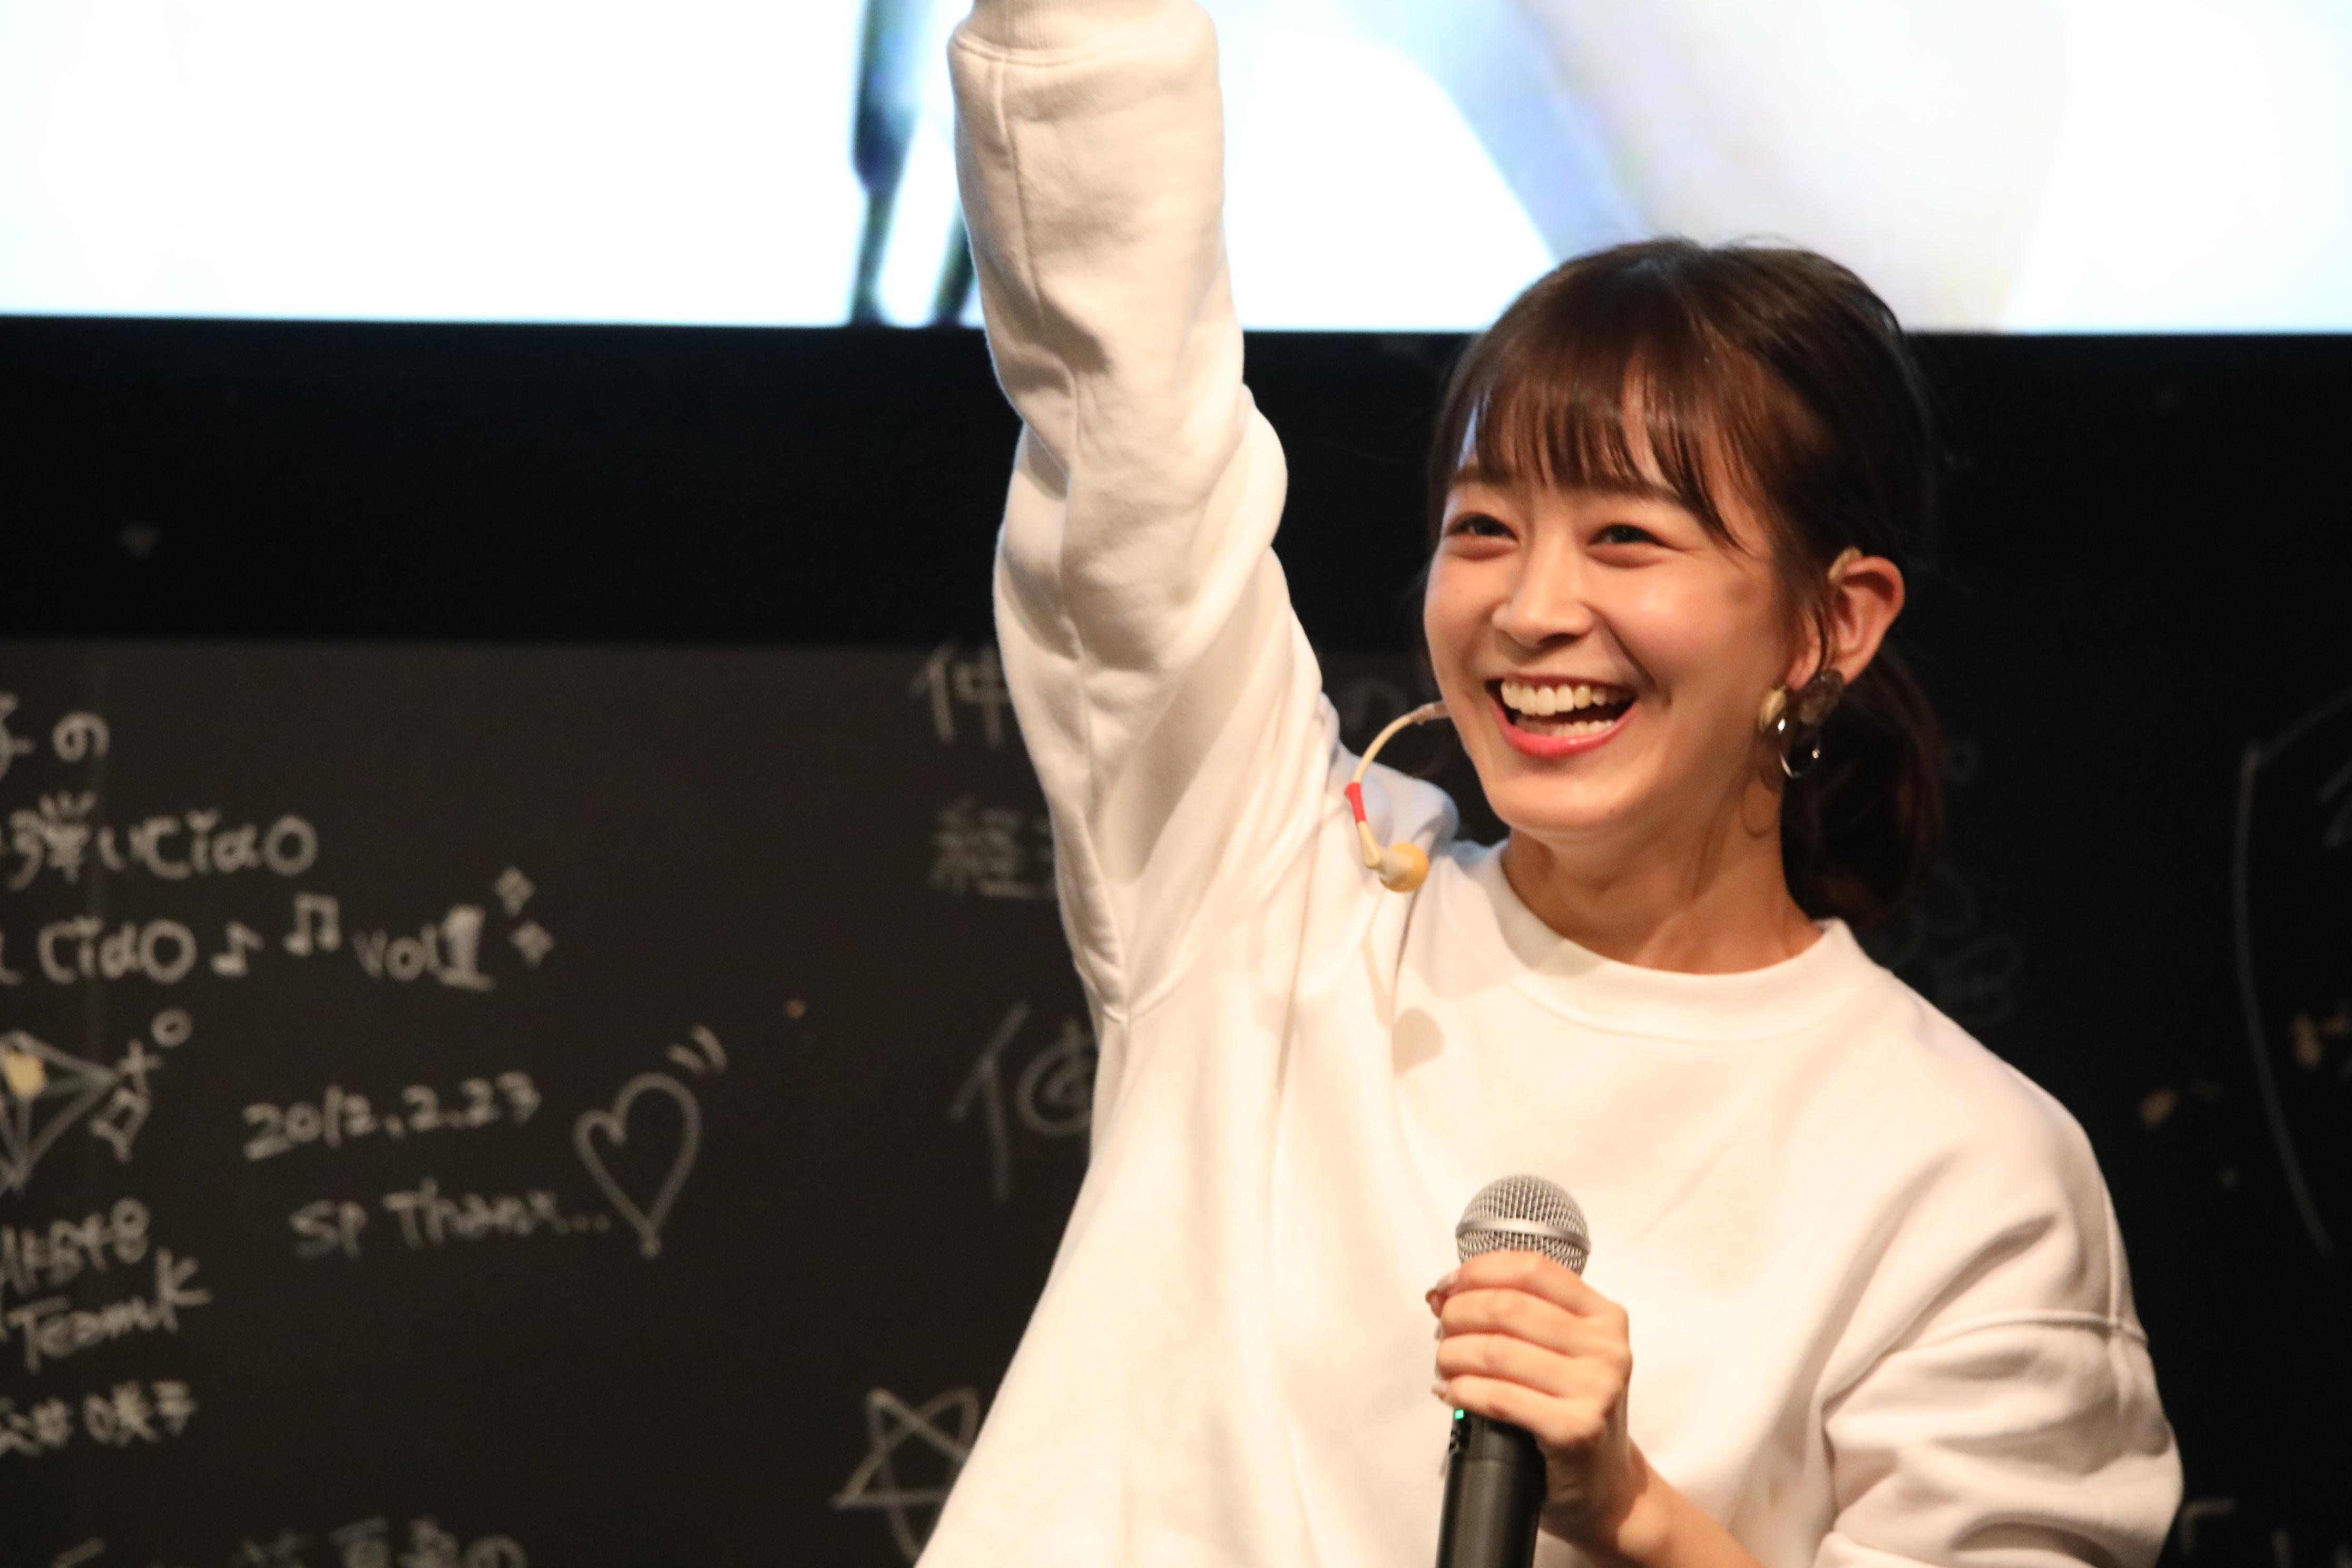 ミニライブを披露する太田奈緒